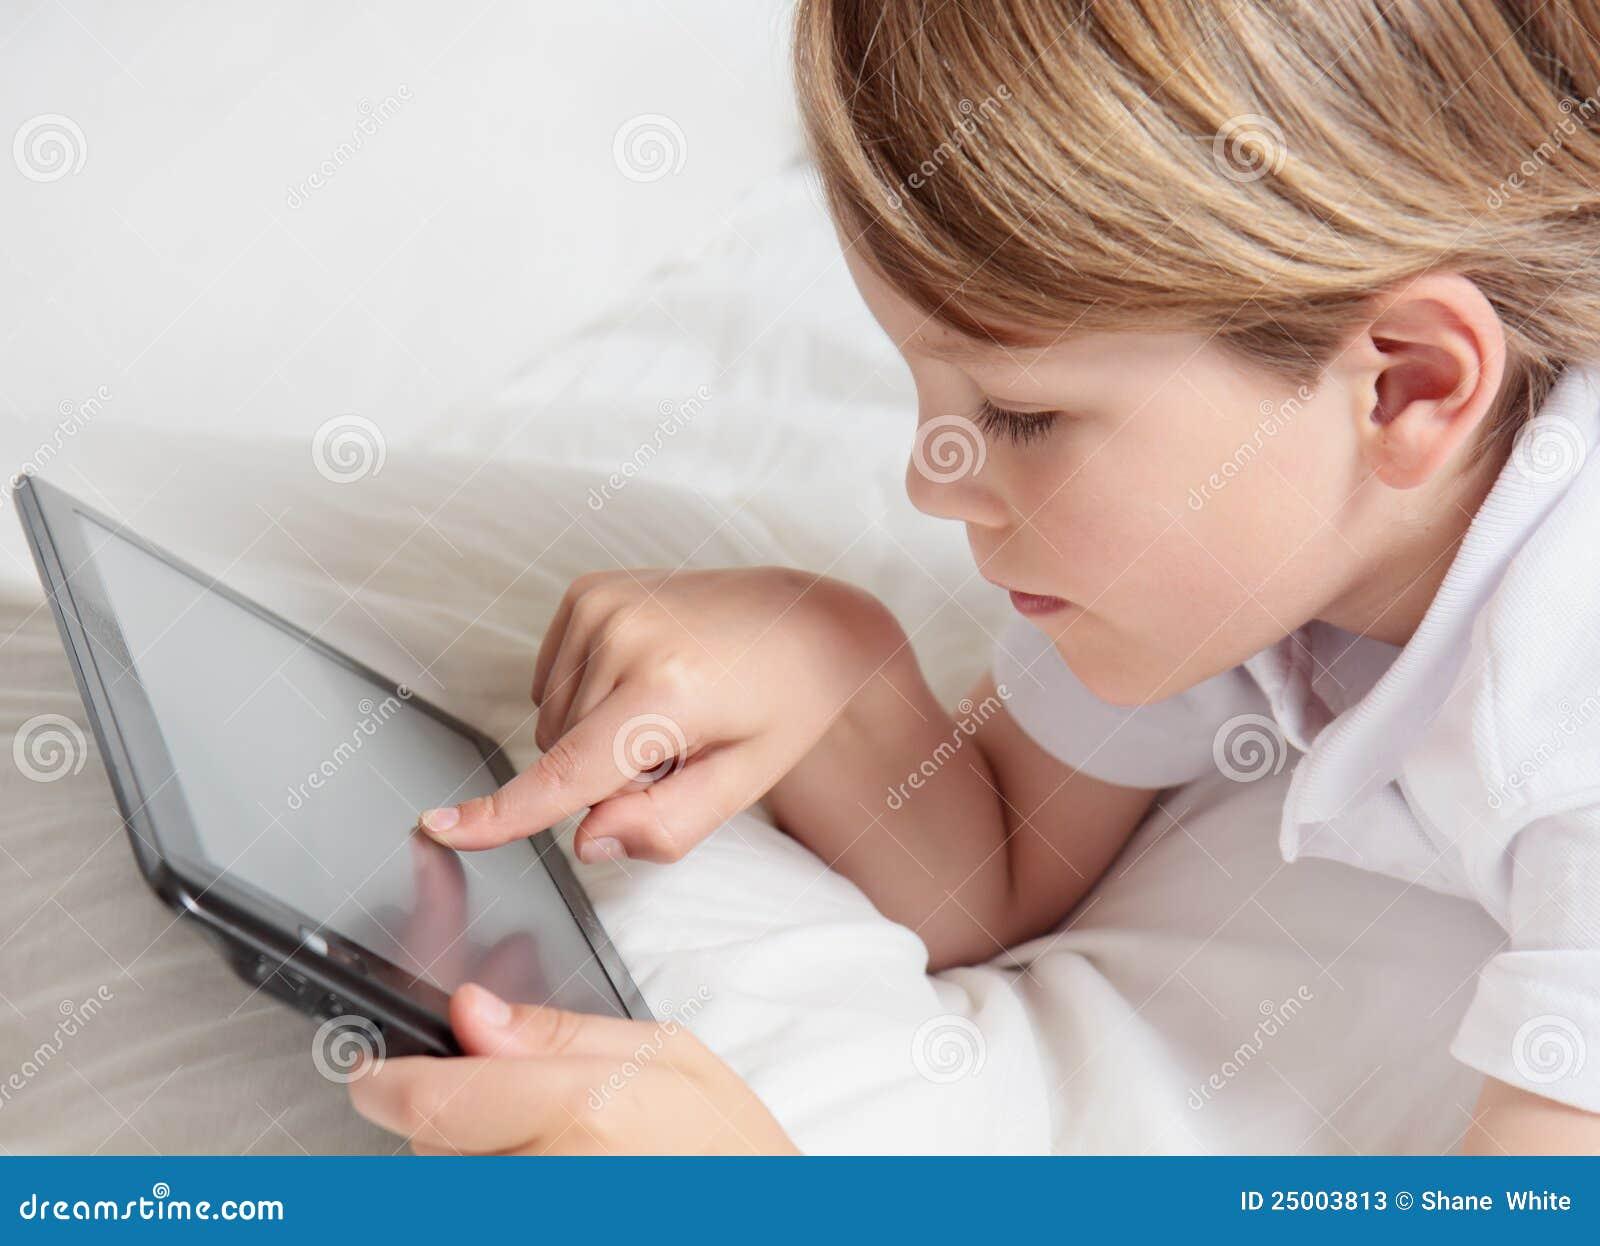 Kind mit Multimedia tablet PC.